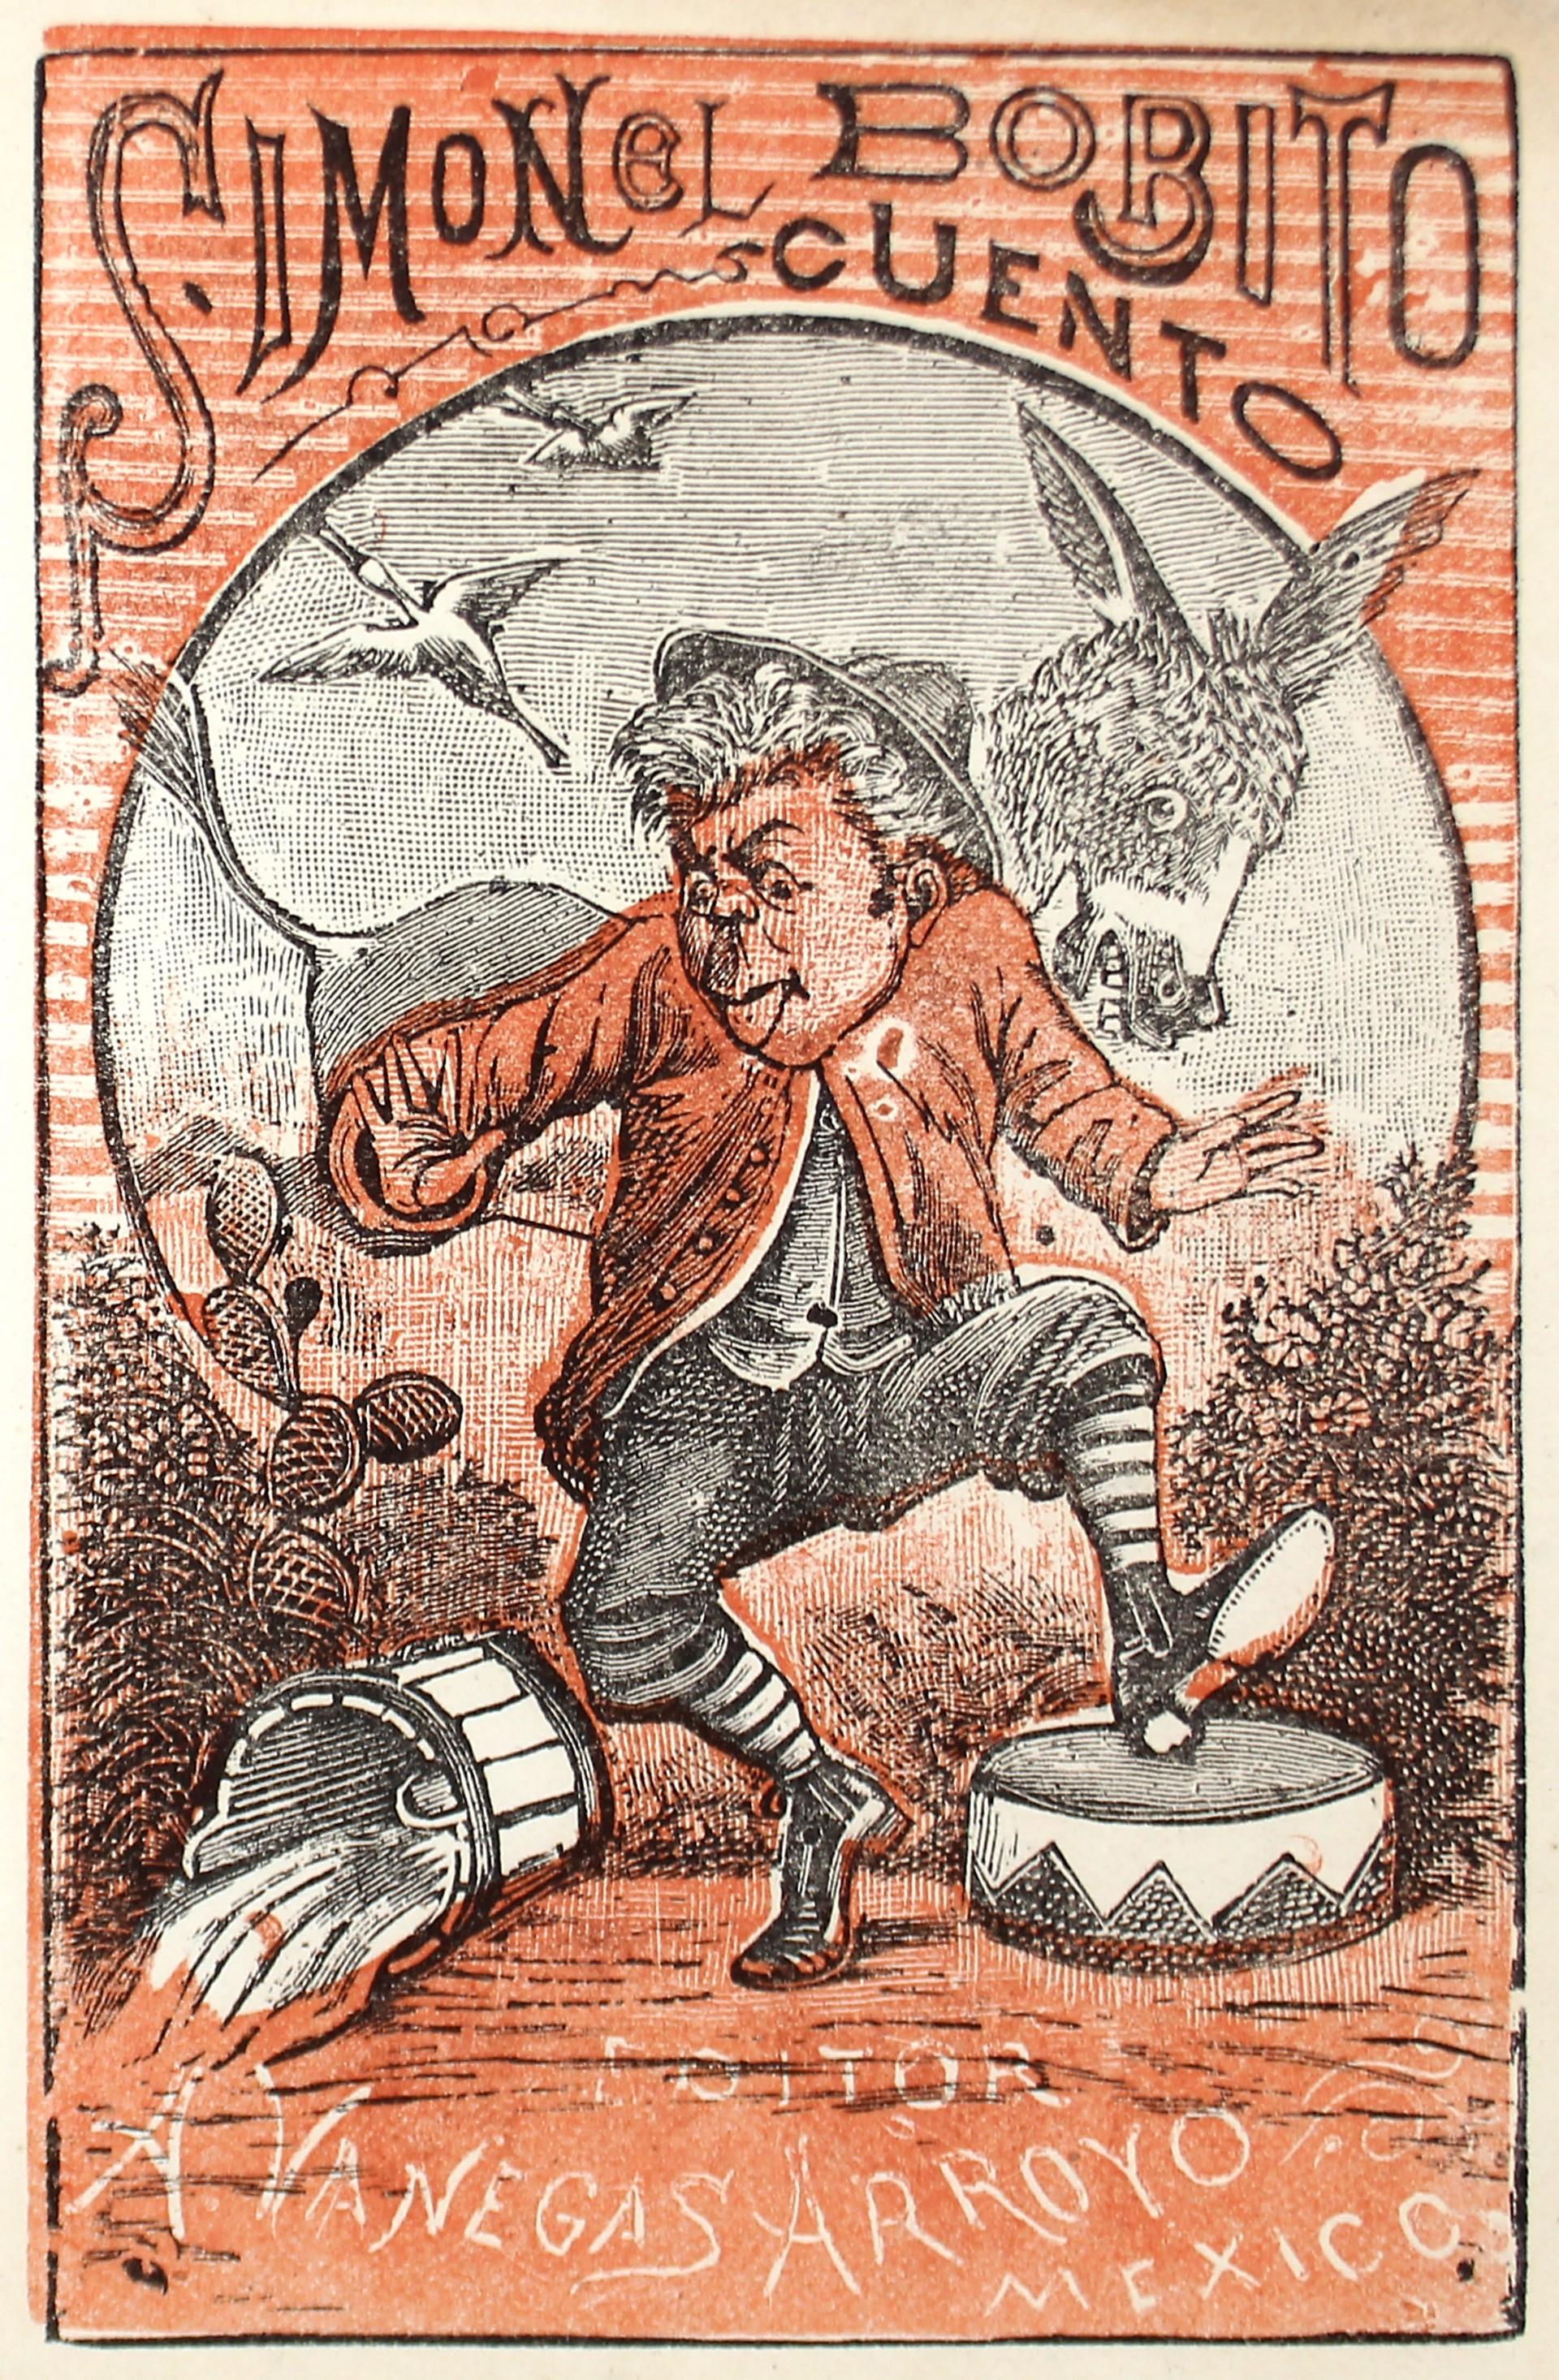 Simon el Bobito by José Guadalupe Posada (1852 - 1913)